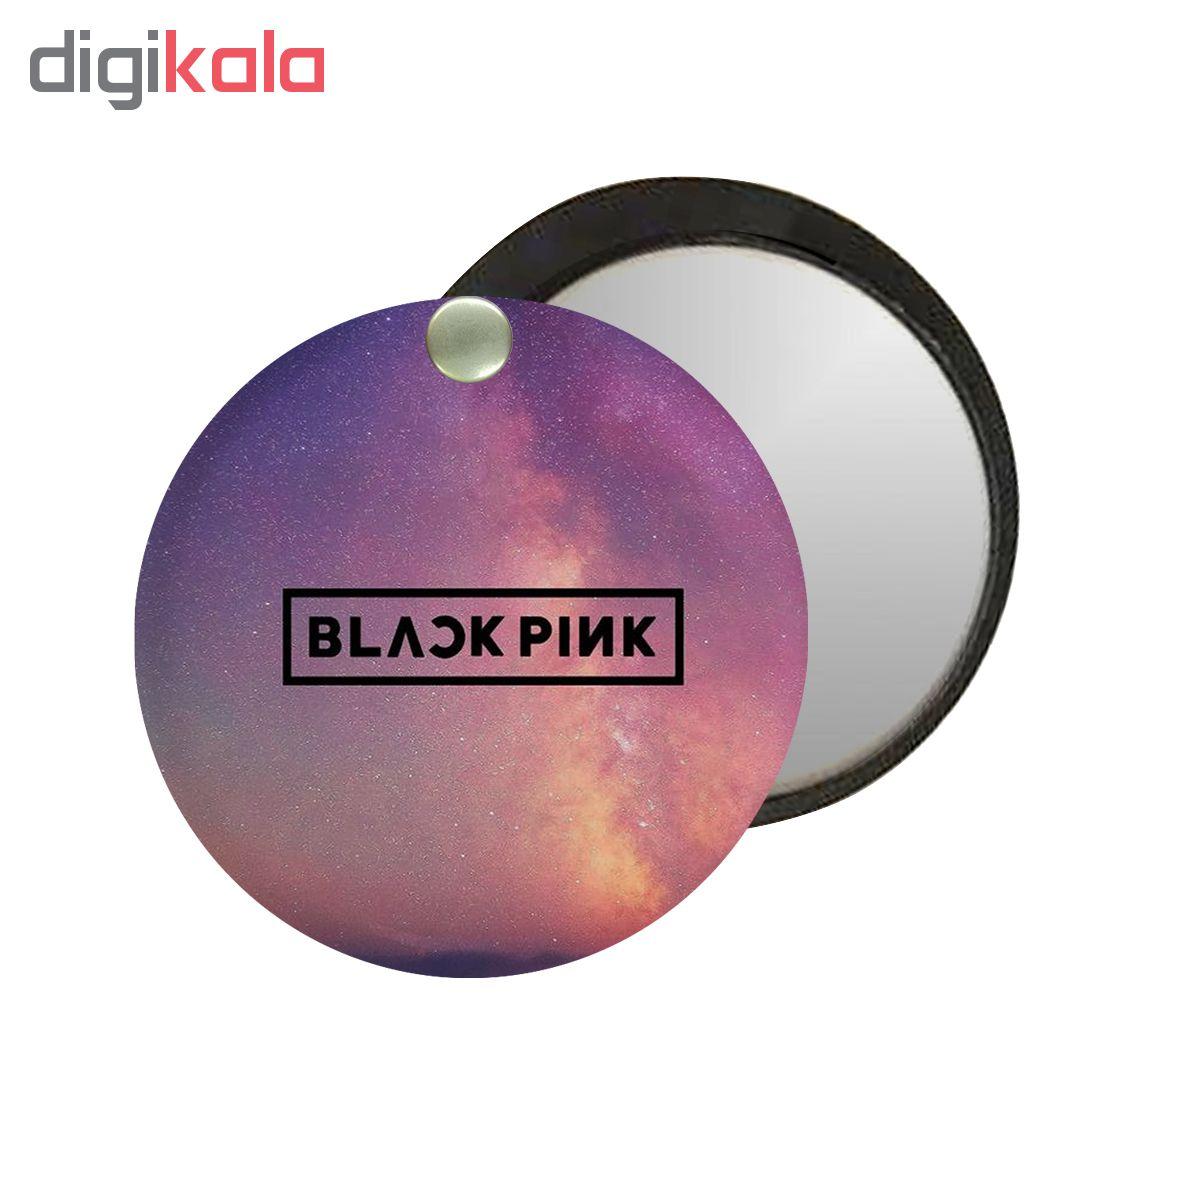 آینه جیبی طرح Black pink کد ai68